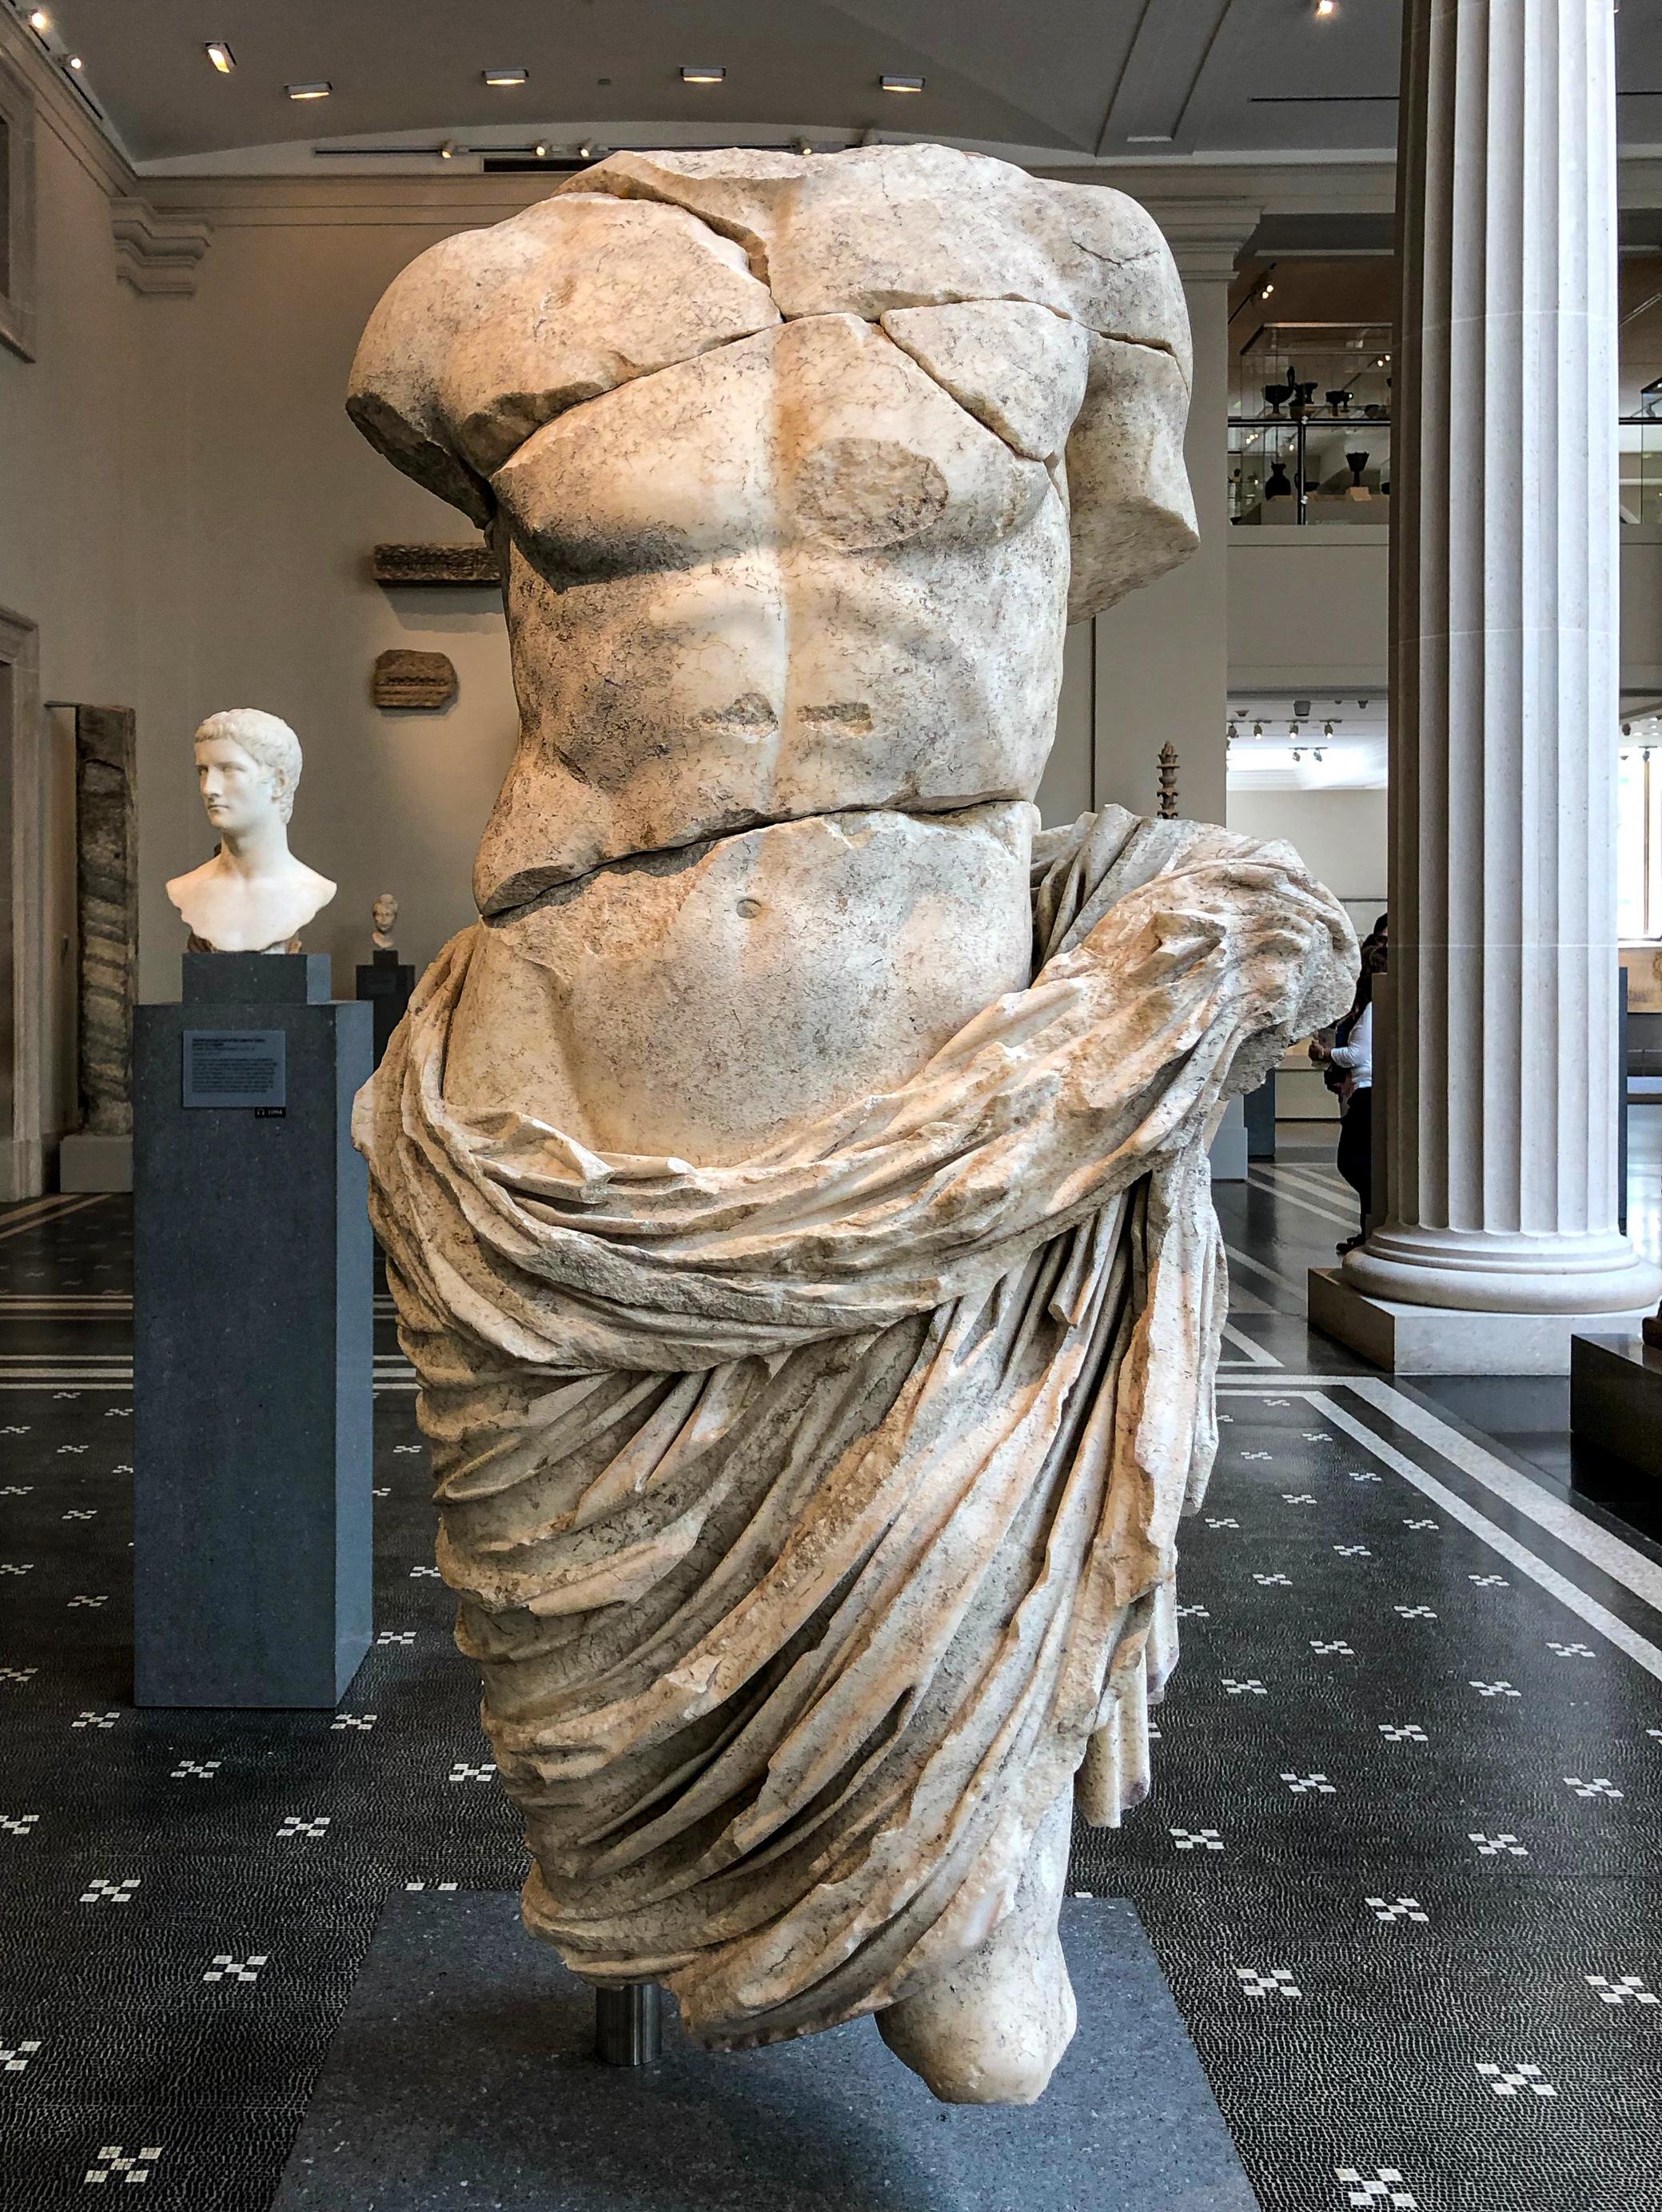 @ Marble Statue of Imperial Family Member_Roman-Metropolitan Museum_May 2019.jpg